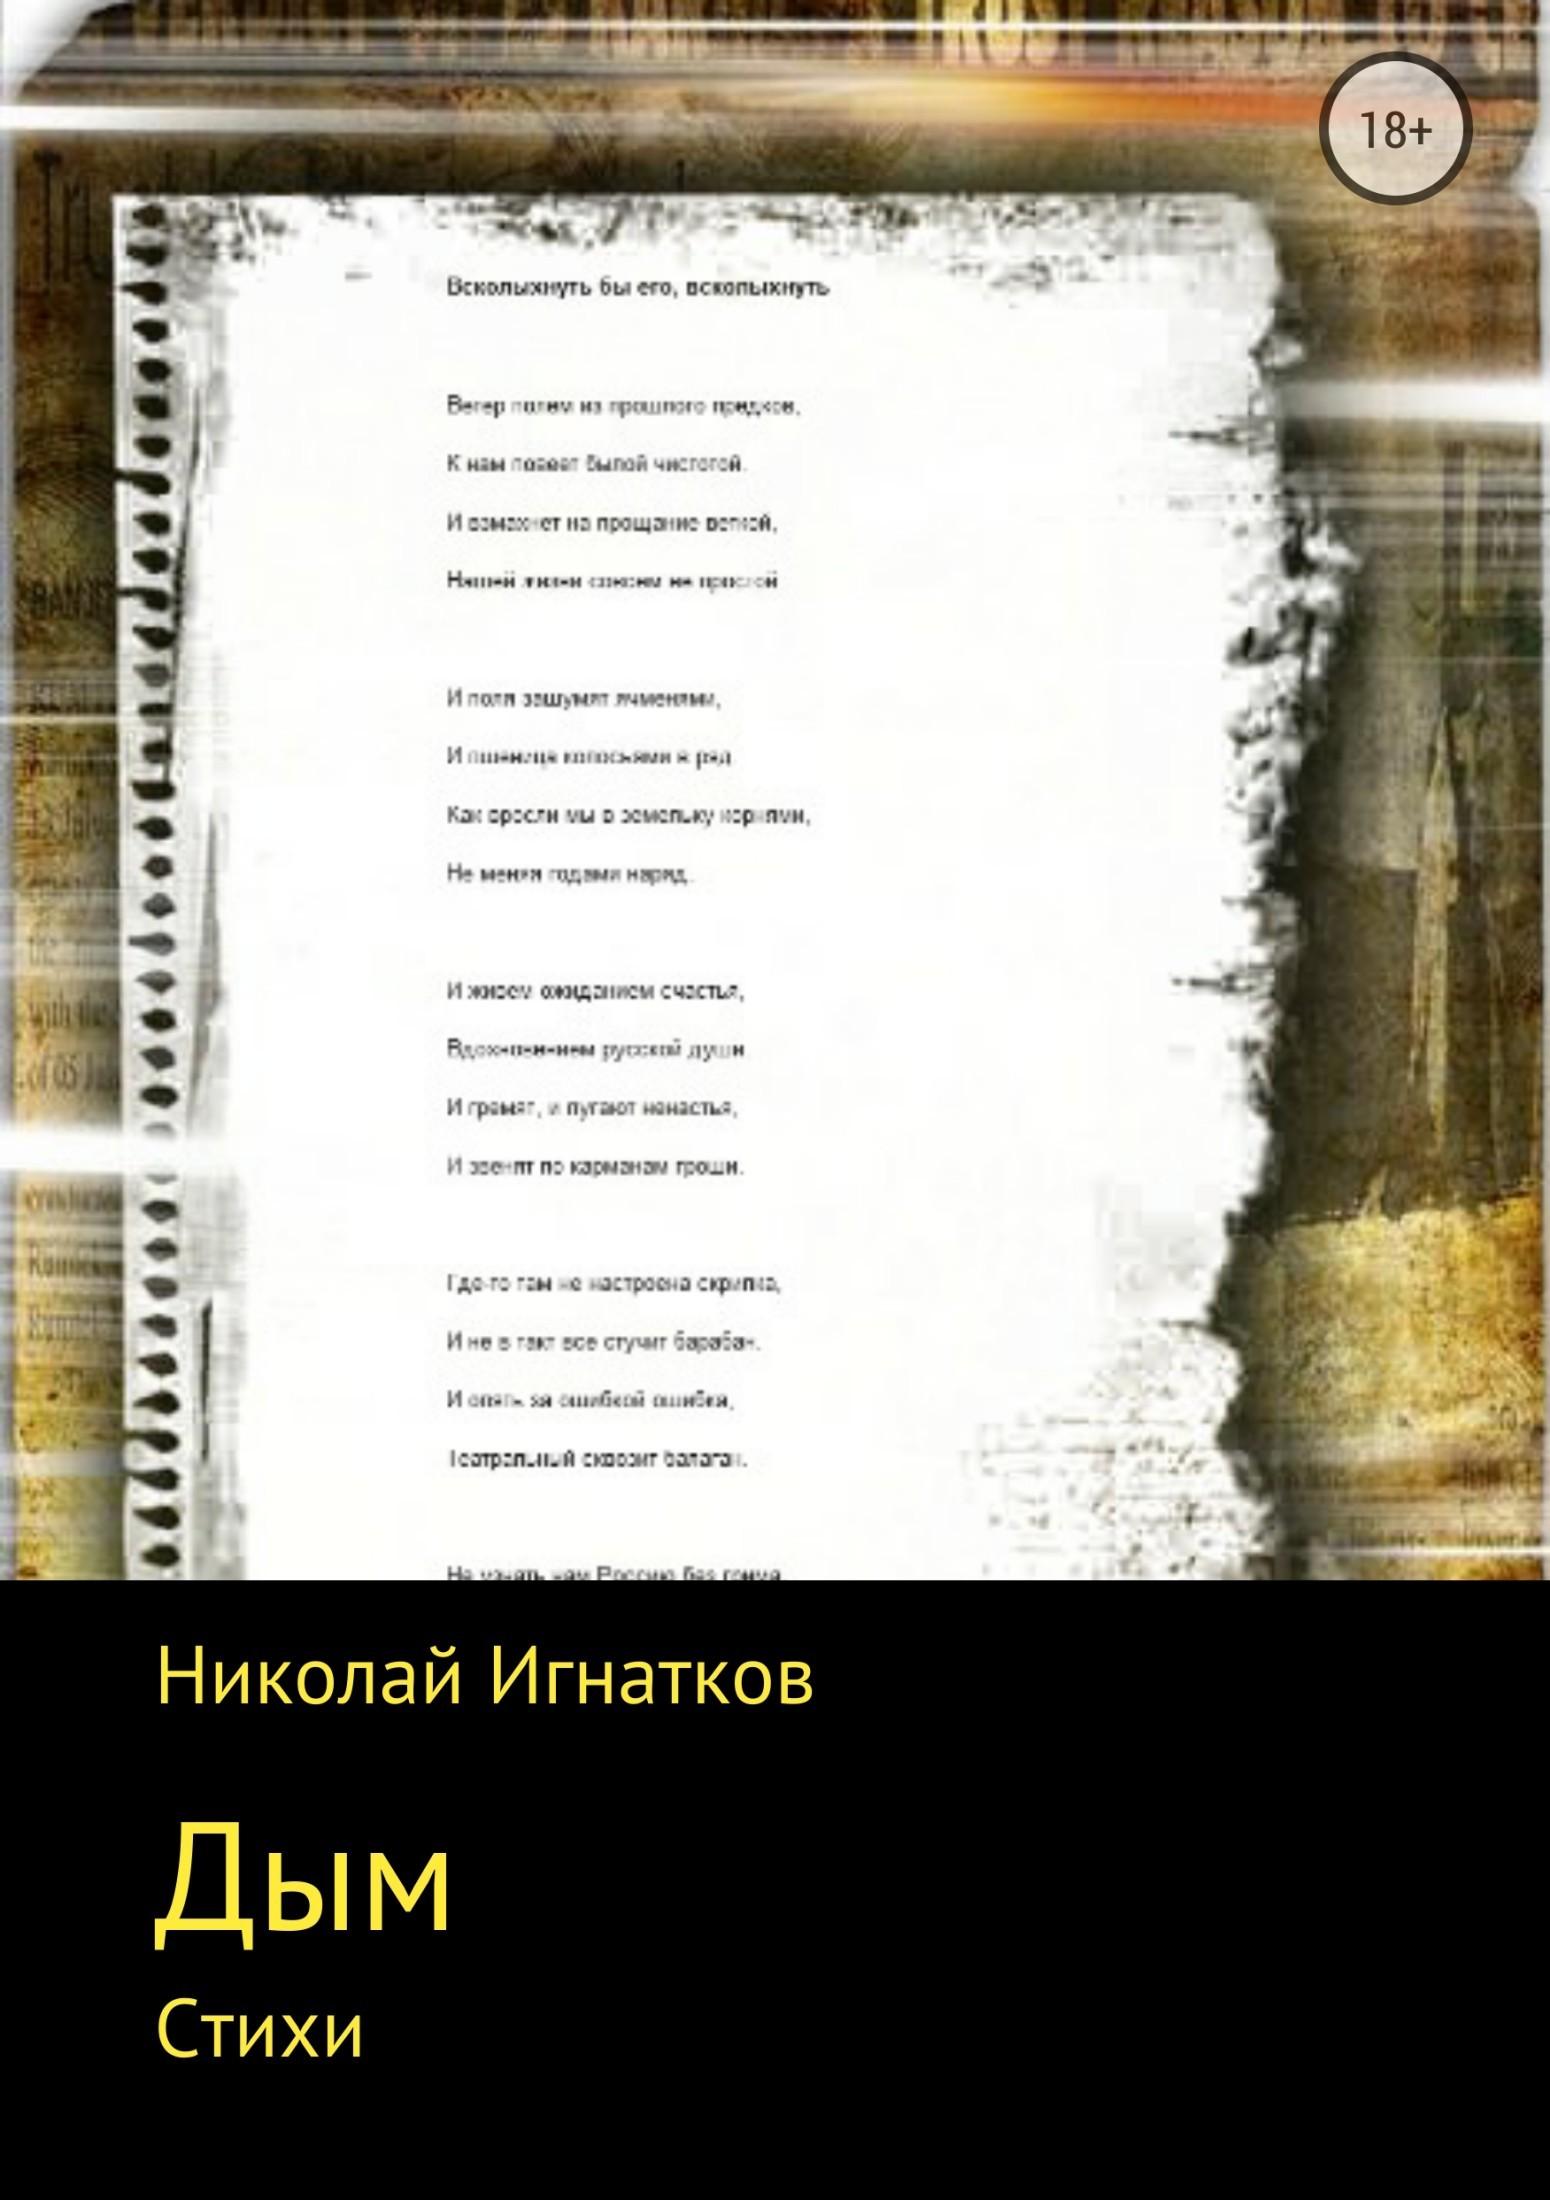 Дым. Книга стихотворений